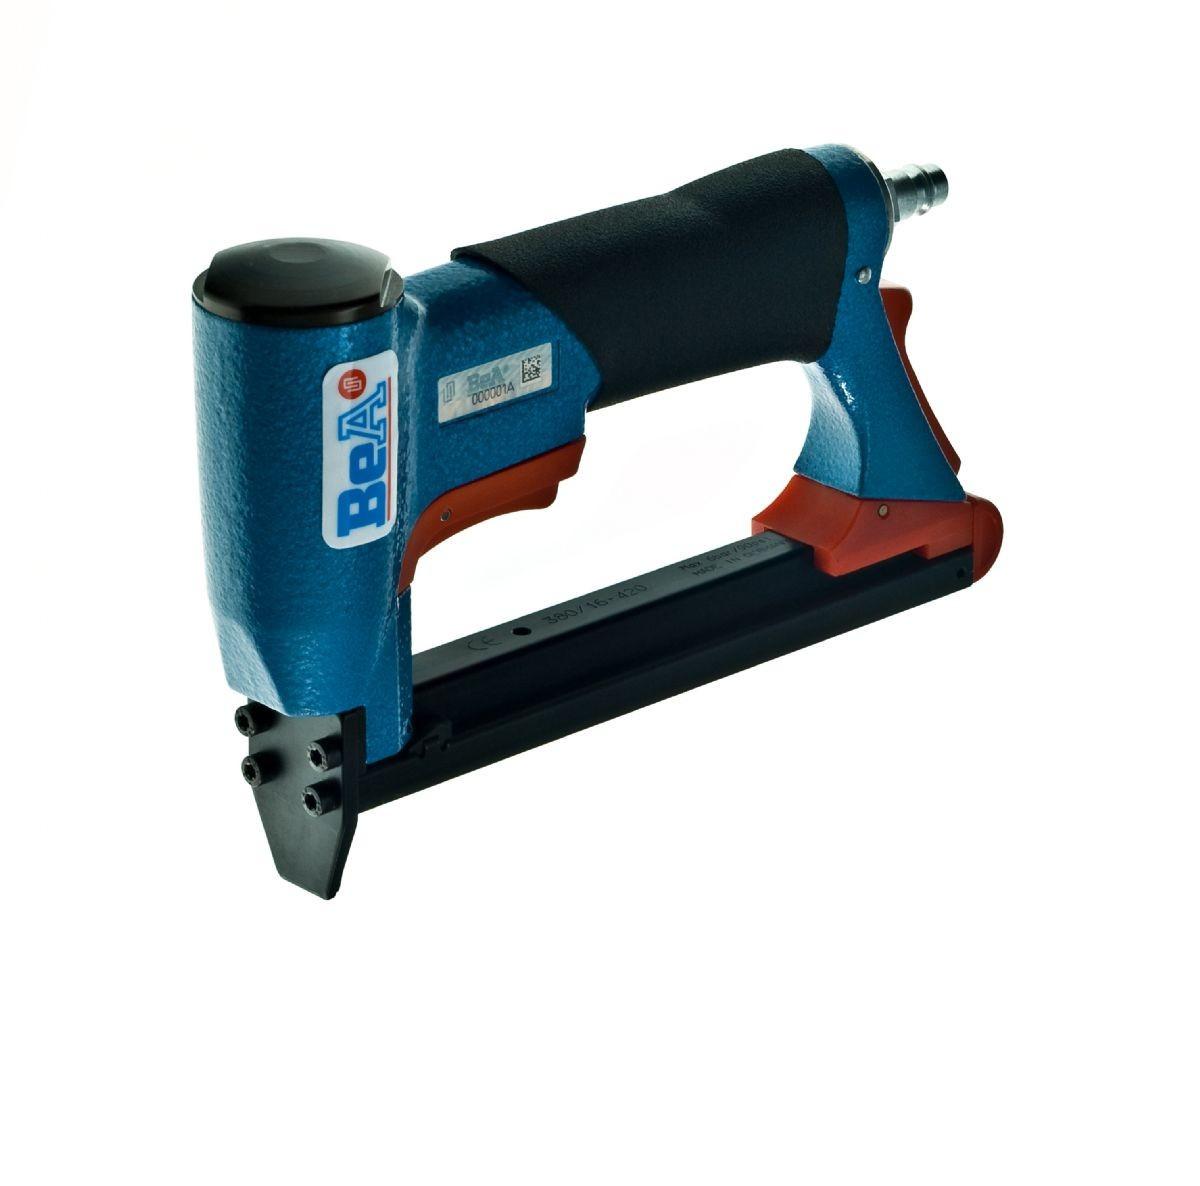 senco hardwood floor stapler of bea 71 16 421 22 gauge upholstery stapler nail gun depot within bea 71 16 421 22 gauge upholstery stapler 12000330